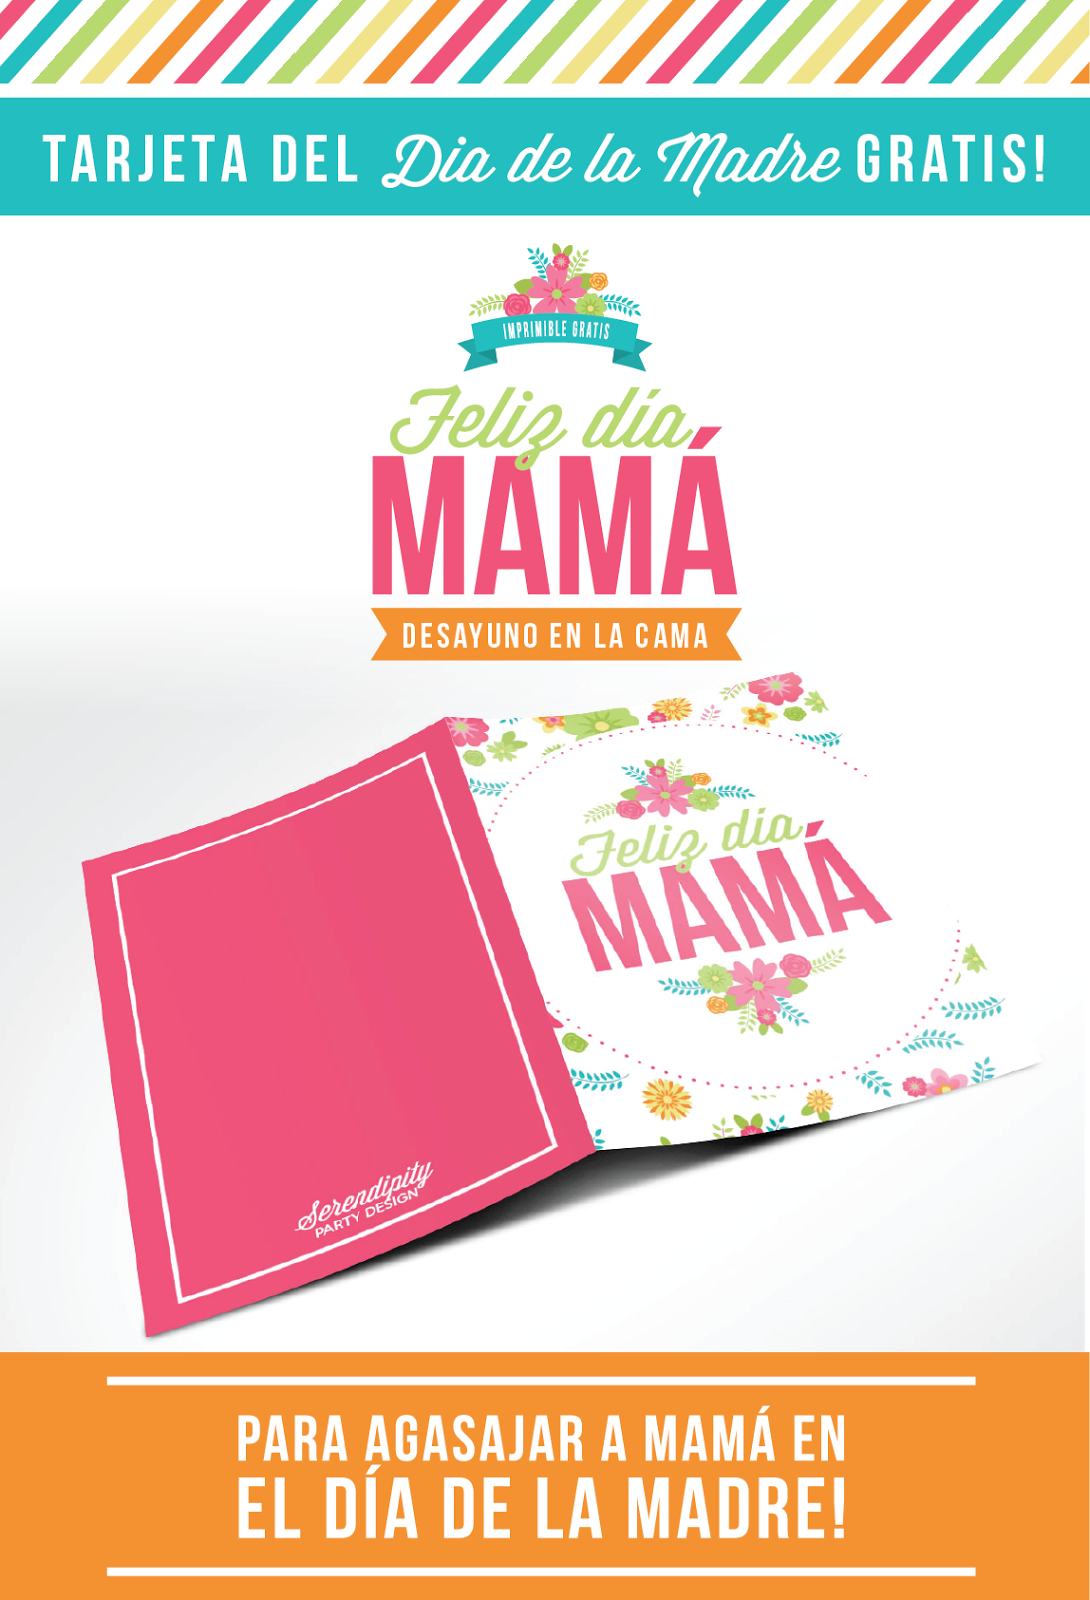 Tarjeta del Día de la Madre Imprimible Gratis | primaria 2015 ...